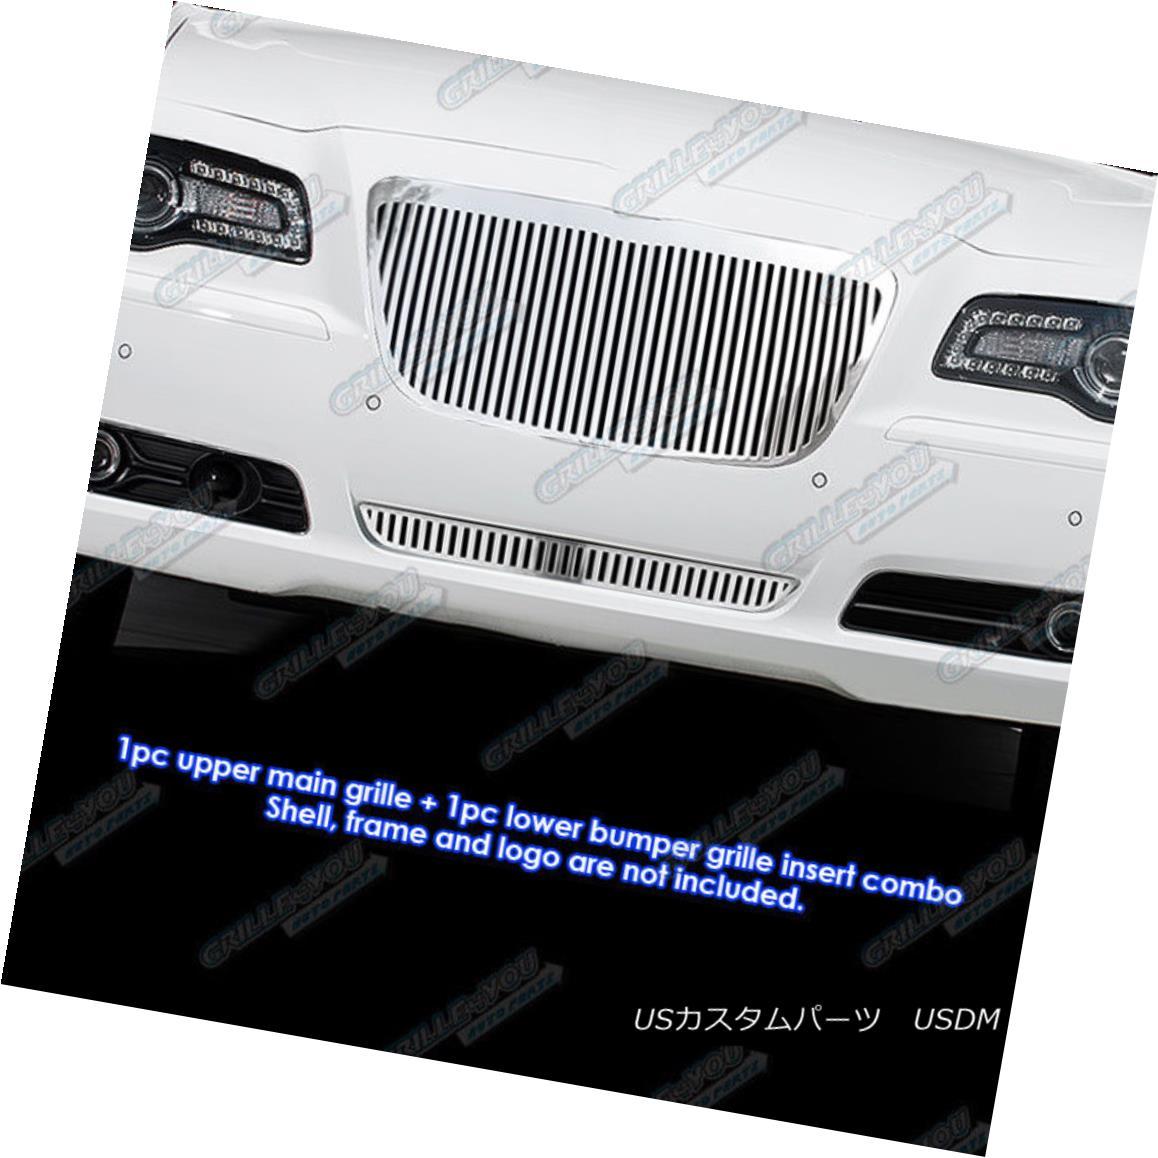 グリル Fits 2011-2014 Chrysler 300/300C Vertical Billet Grille Combo 2011-2014年に適合するクライスラー300 / 300C垂直ビレットグリルコンボ